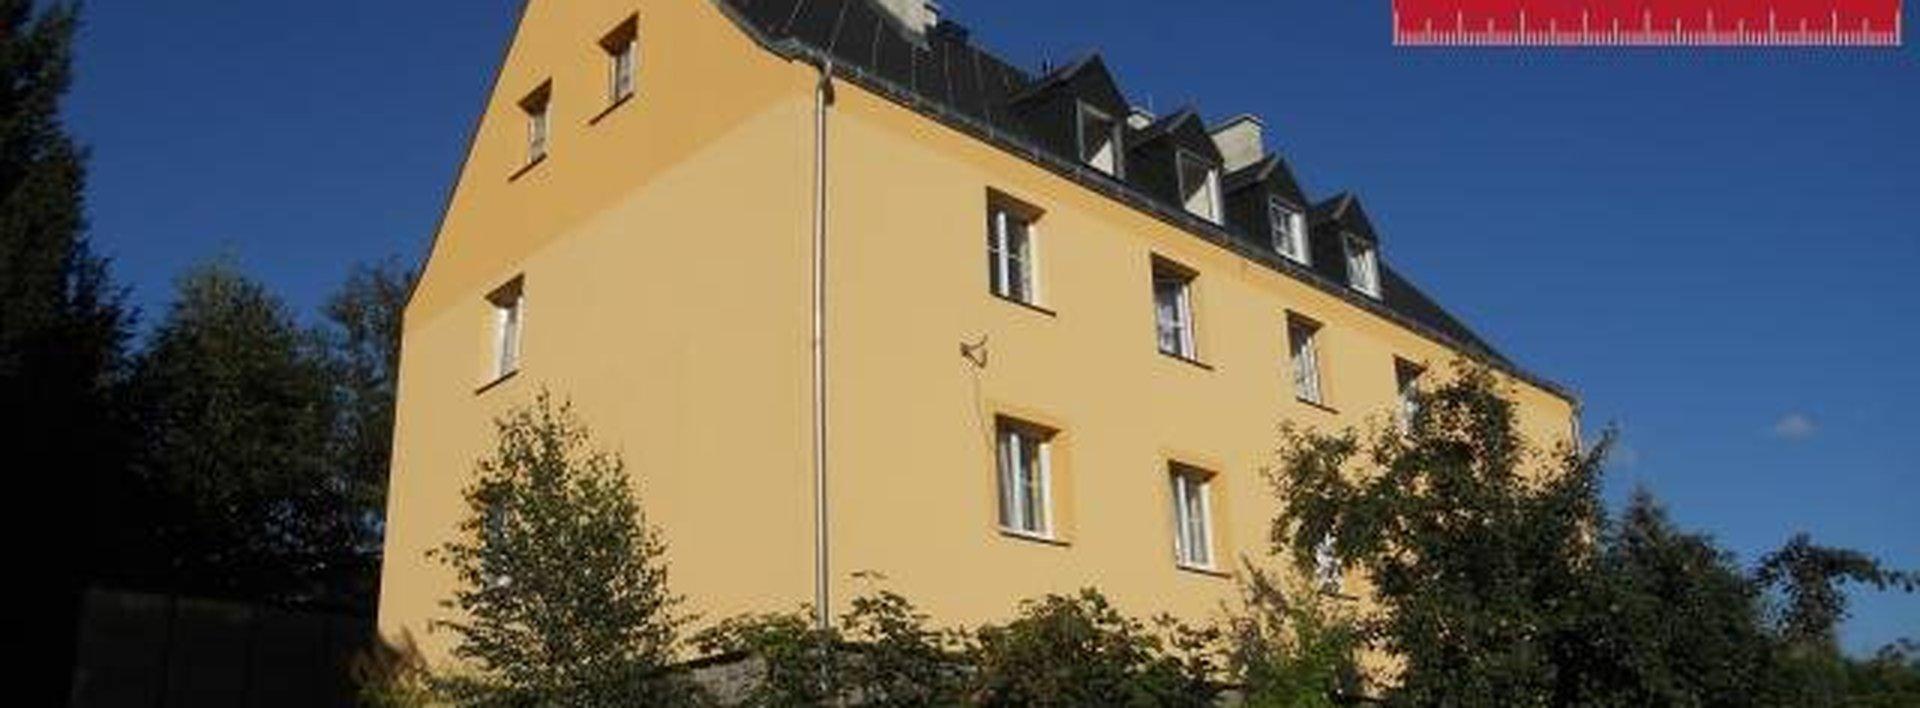 Slunný byt 3+kk v cihlovém domě, JBC - Vrkoslavická ul., Ev.č.: N45849